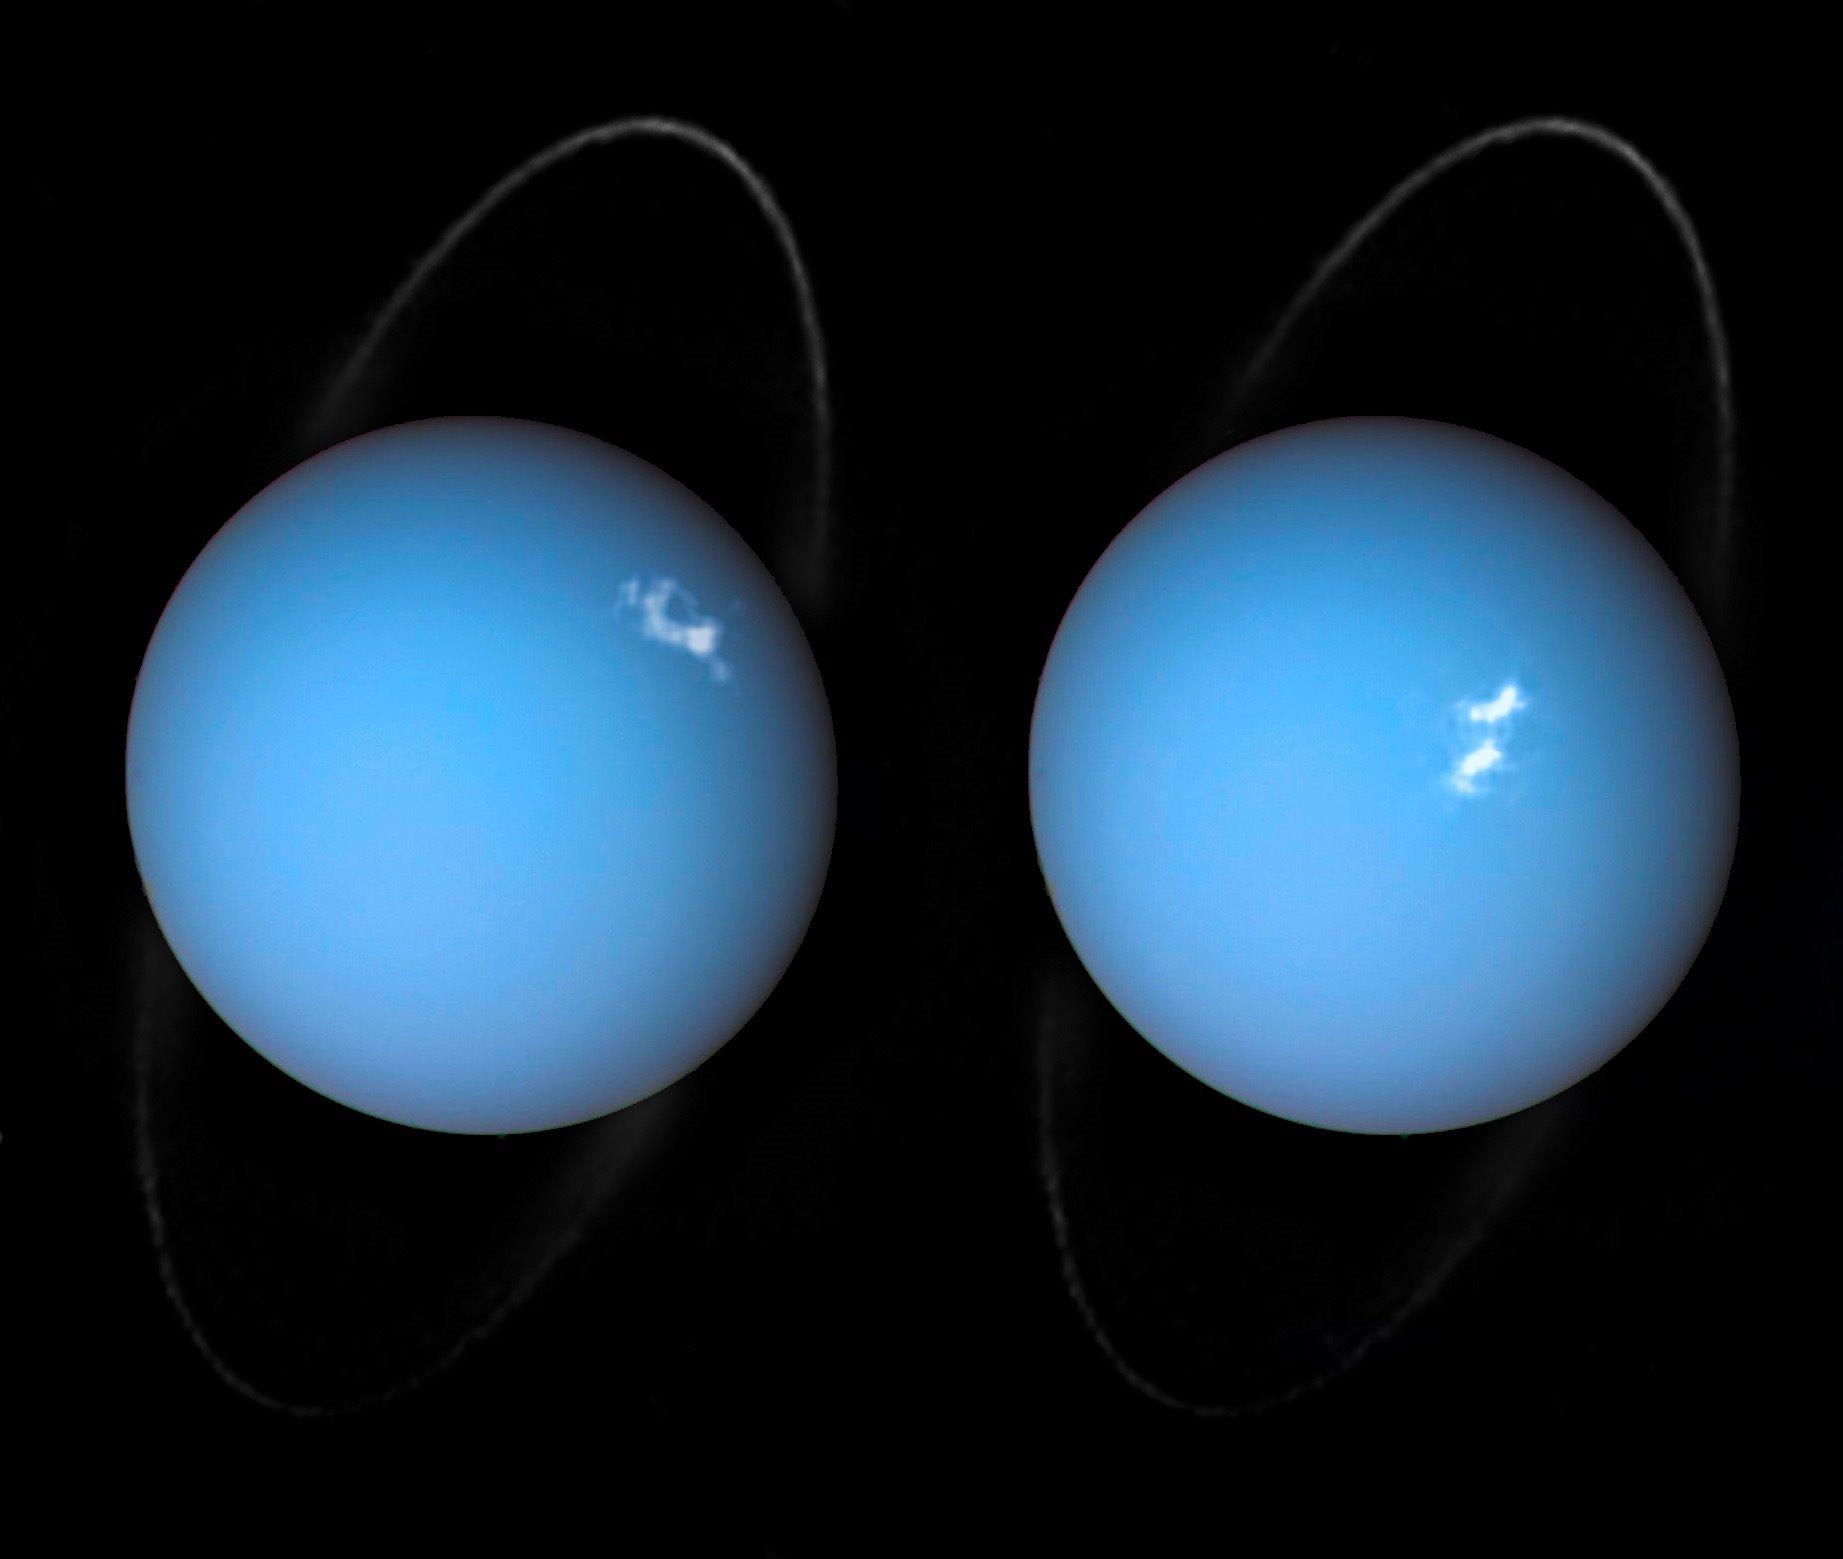 Auroras en Urano captadas por el Hubble